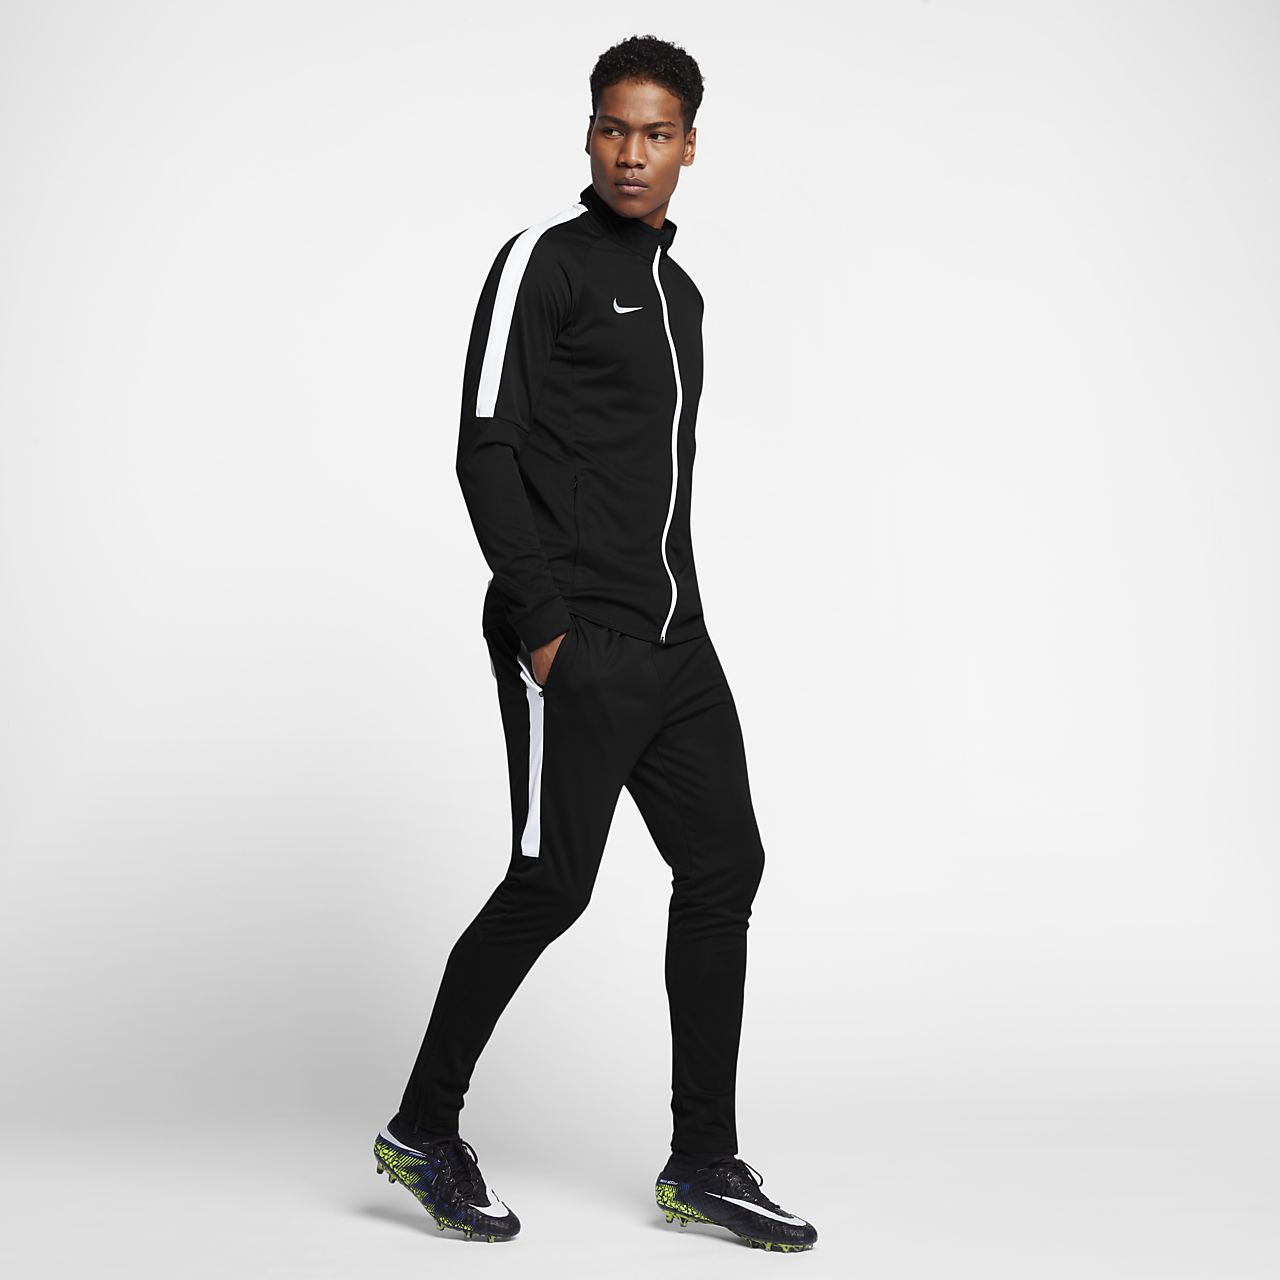 Ανδρική ποδοσφαιρική φόρμα Nike Dri-FIT